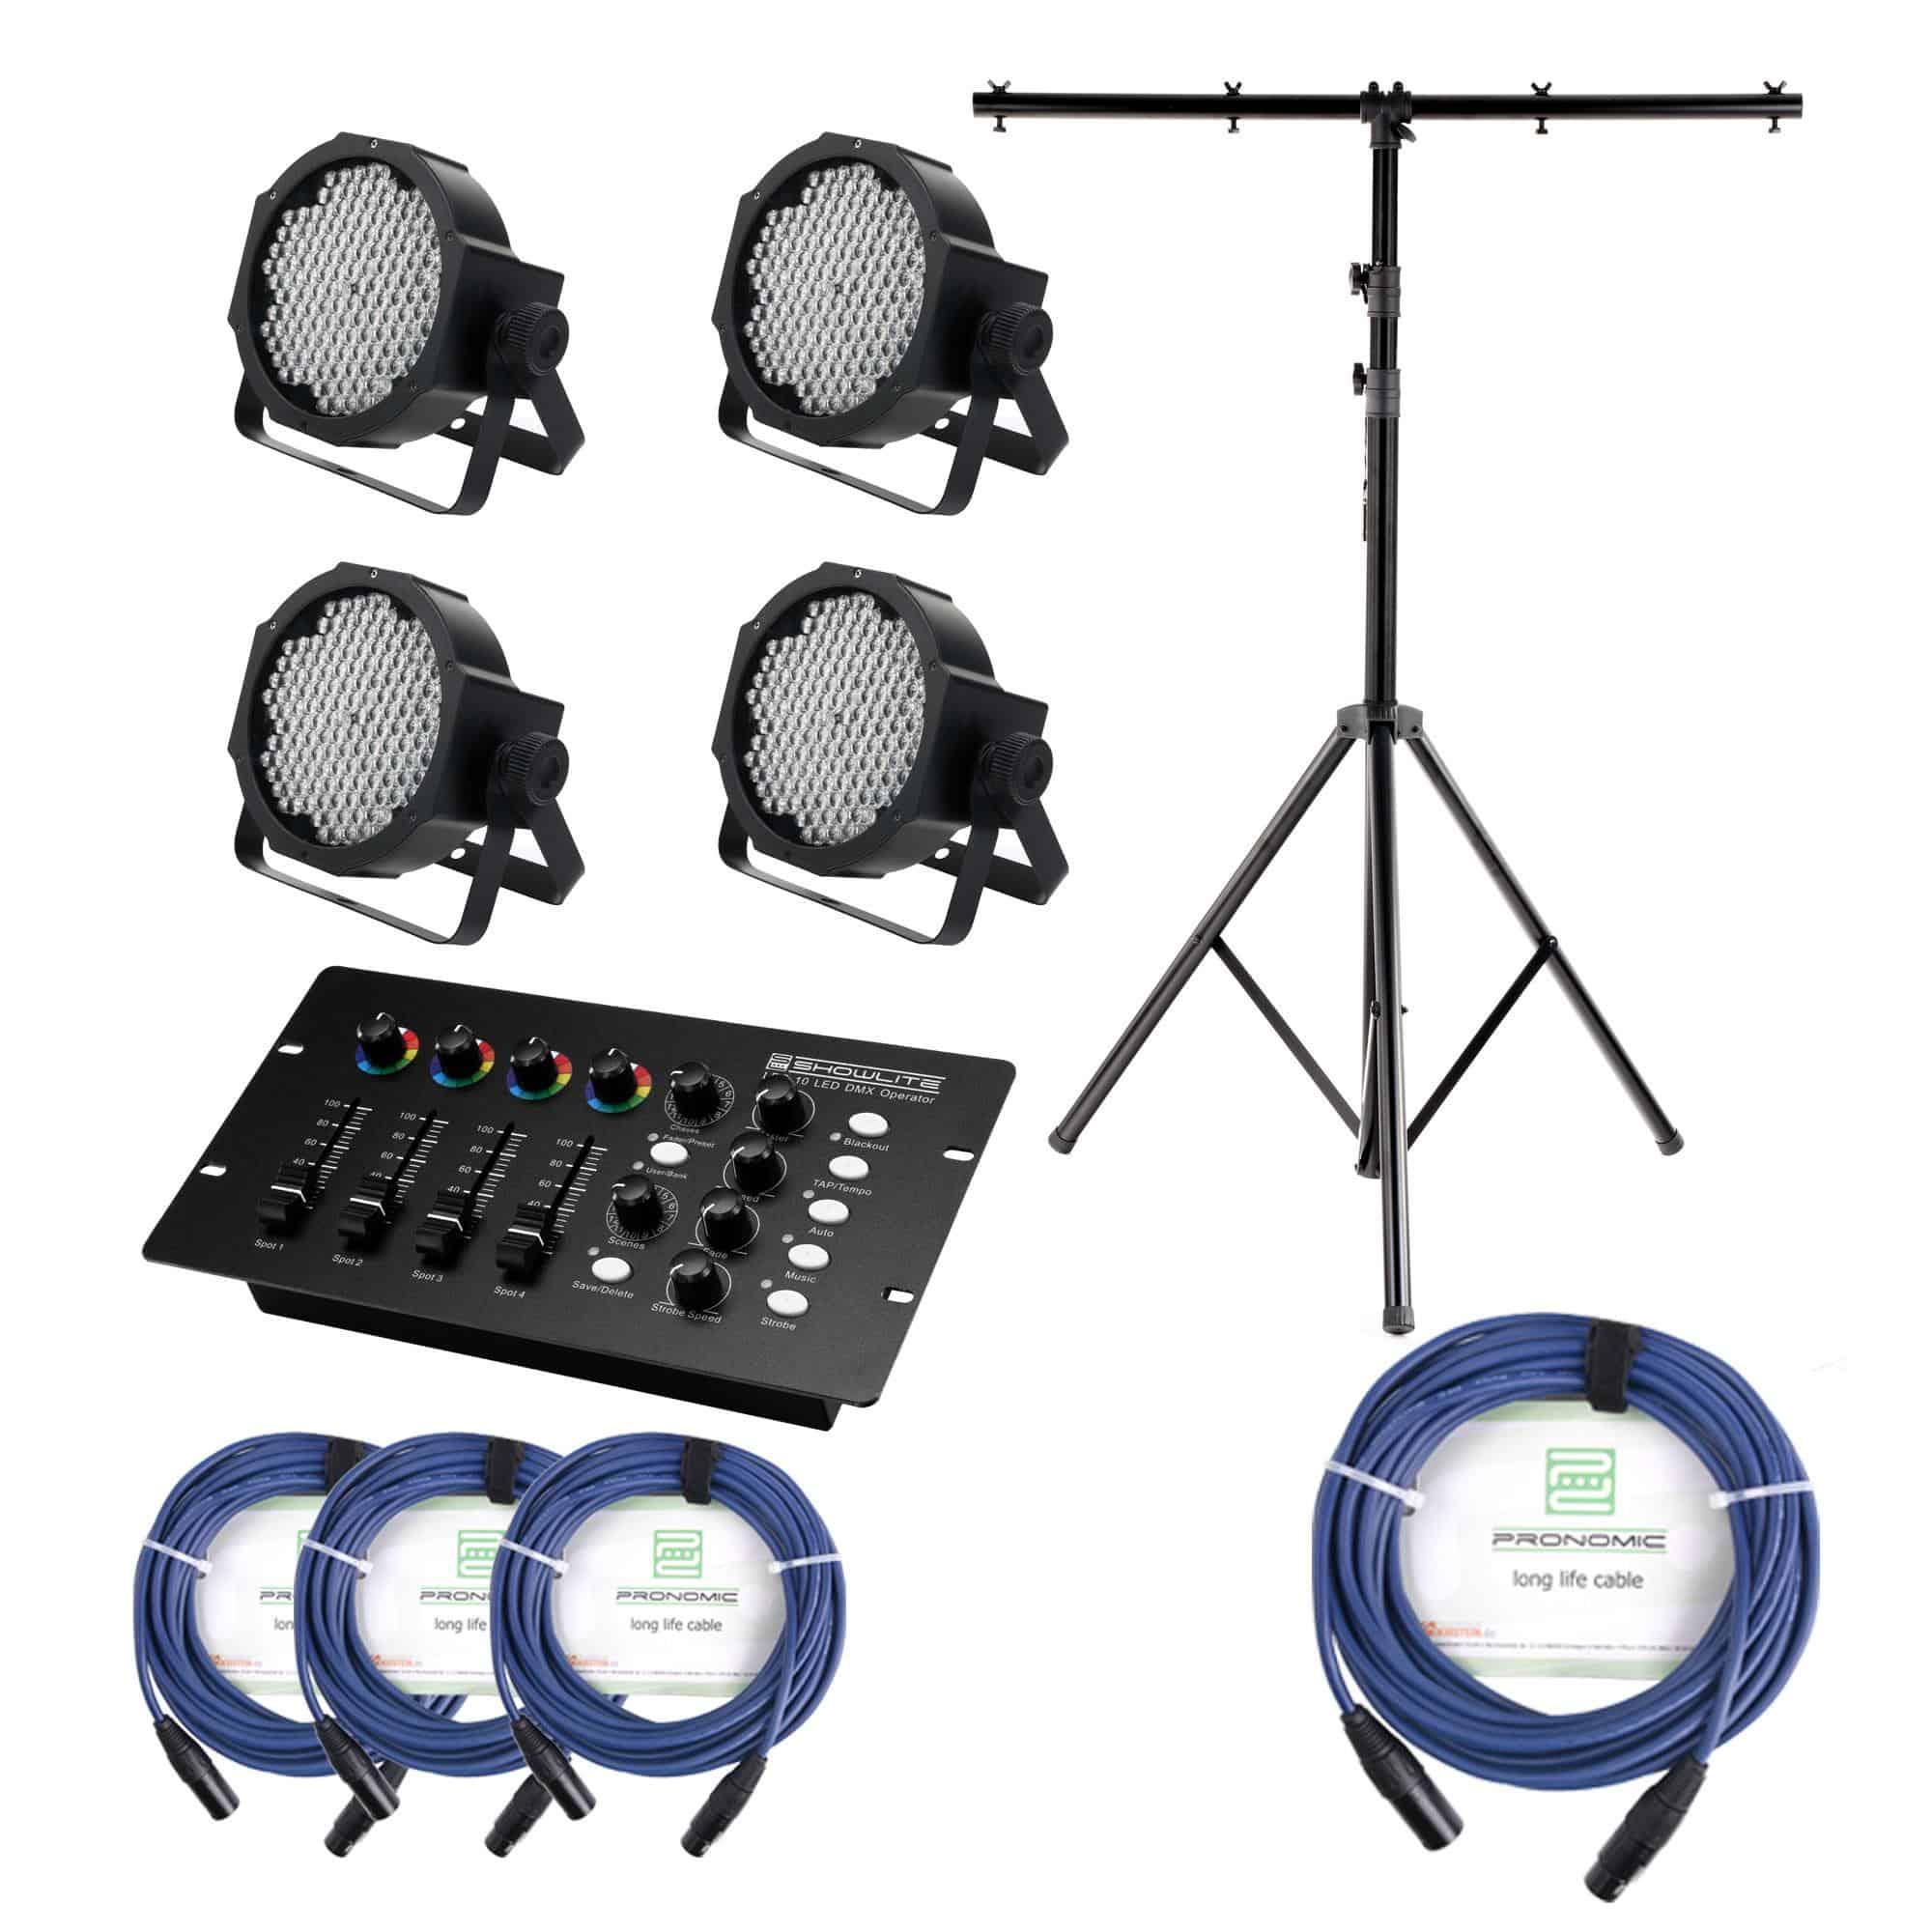 Lichtsets - Showlite FLP 144W Scheinwerfer 4 x Set inkl. DMX Controller, Stativ Kabel - Onlineshop Musikhaus Kirstein